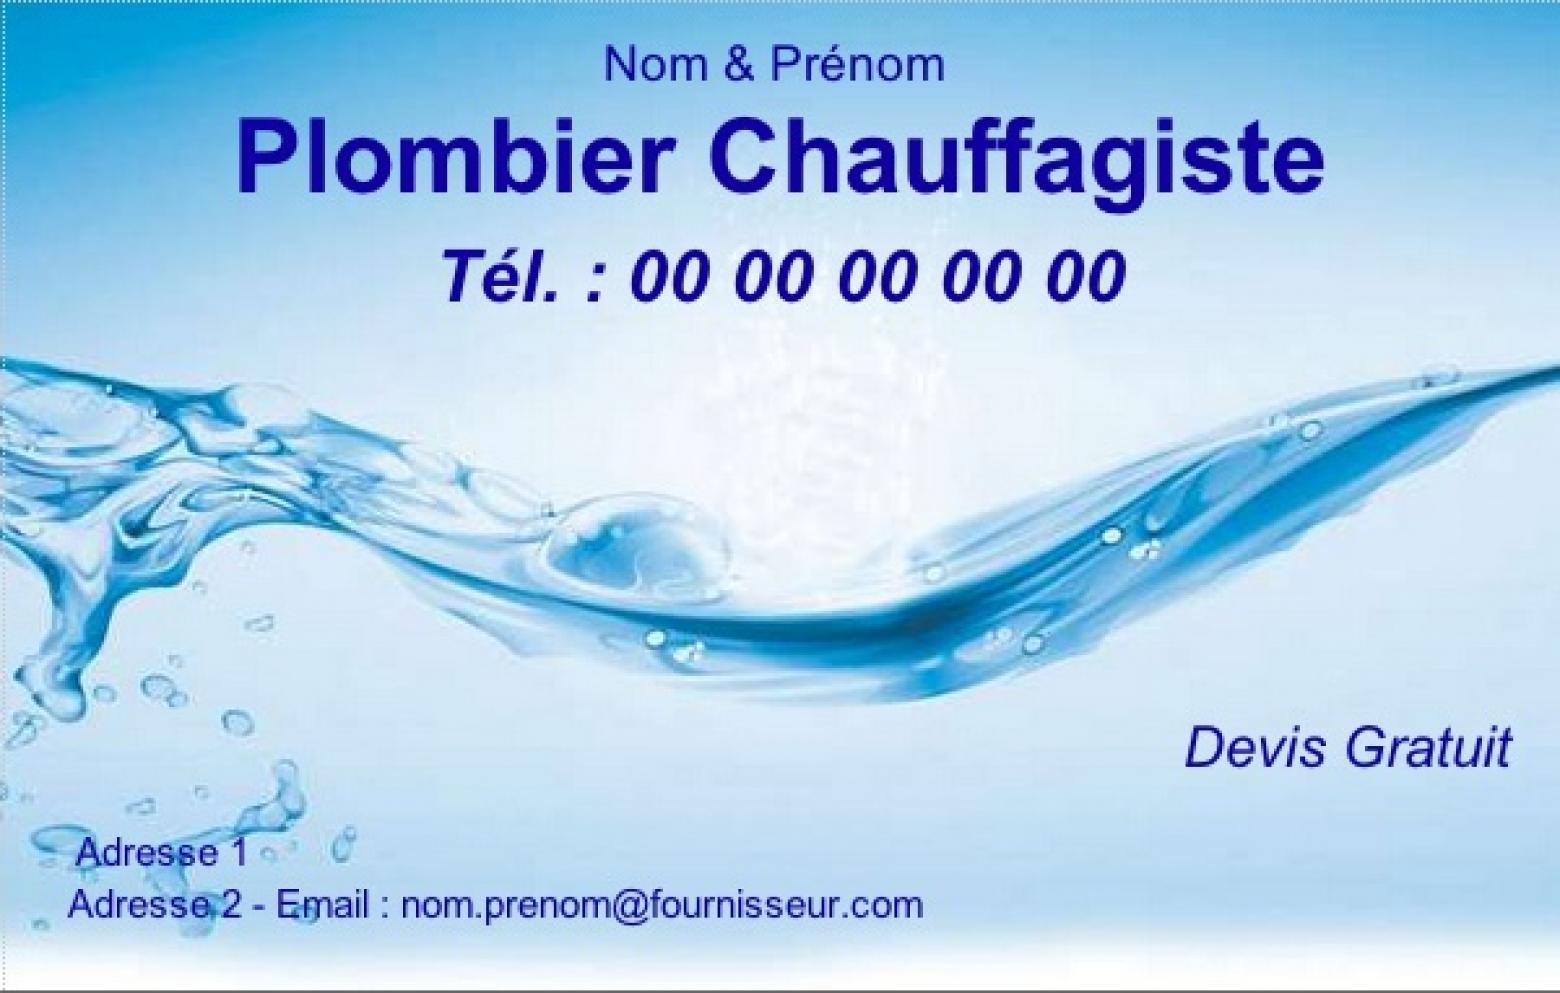 Plombier Exemple Carte De Visite Chauffagiste Modele Gratuit A Personnaliser En Ligne Pas Chere